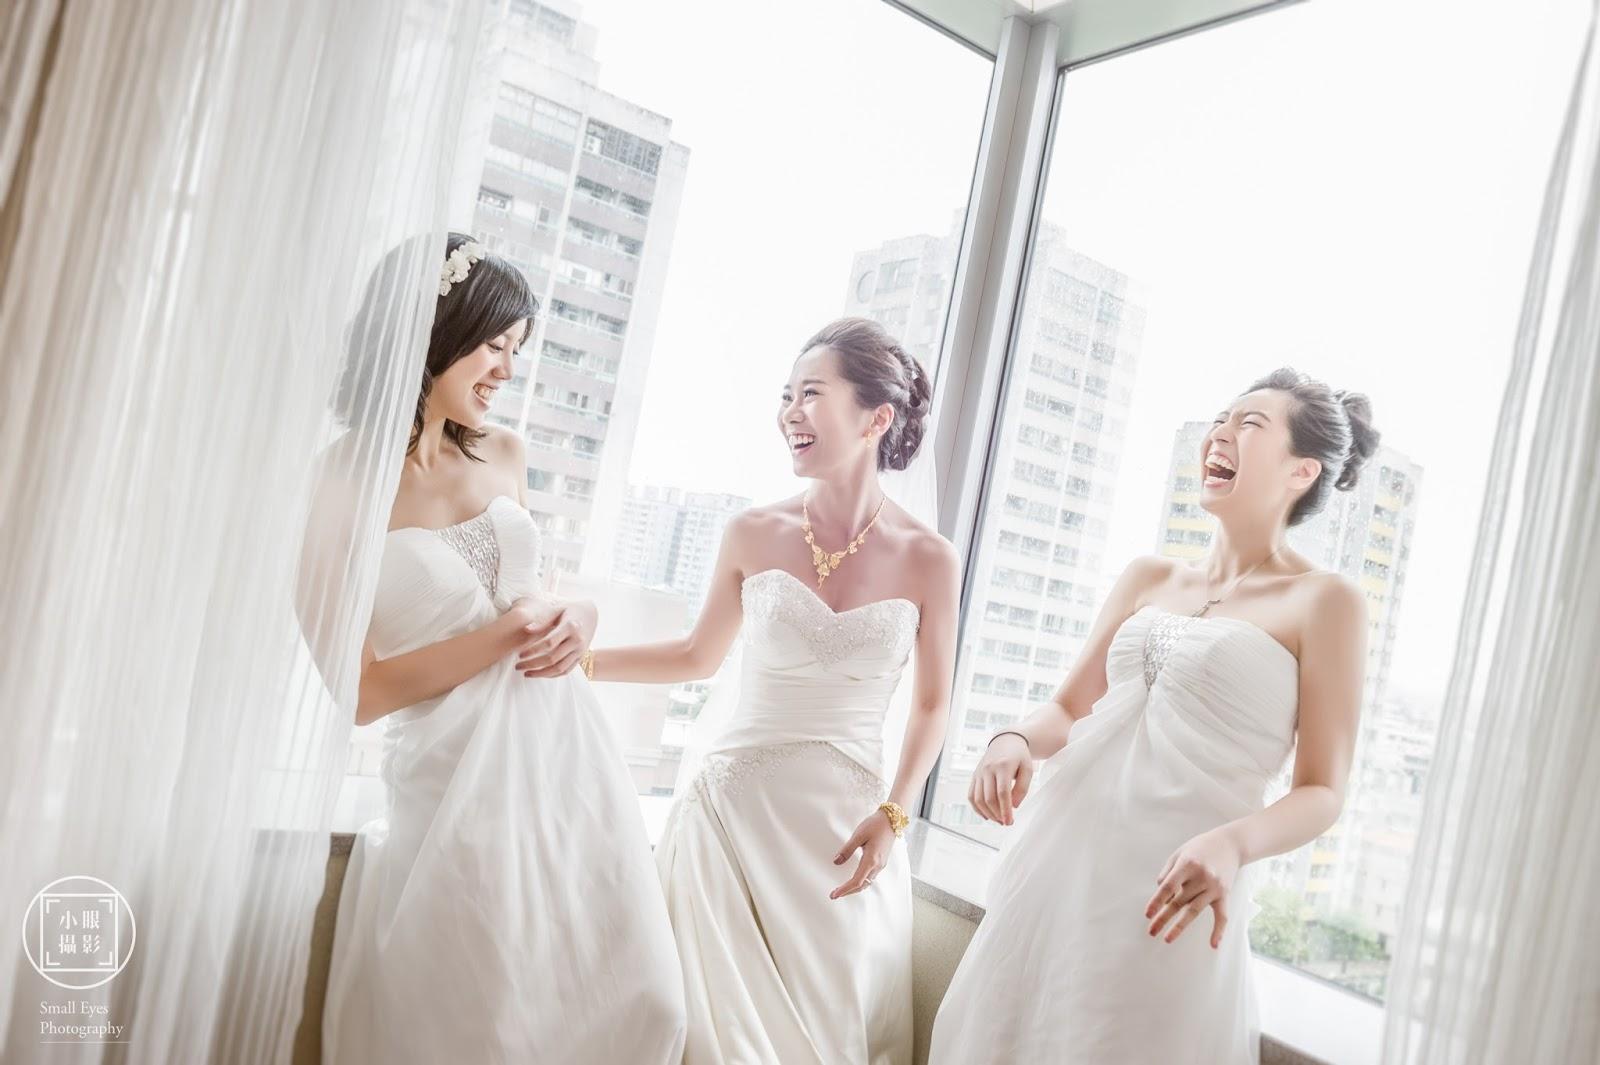 婚攝,小眼攝影,婚禮紀實,婚禮紀錄,婚紗,國內婚紗,海外婚紗,寫真,婚攝小眼,裕元花園酒店